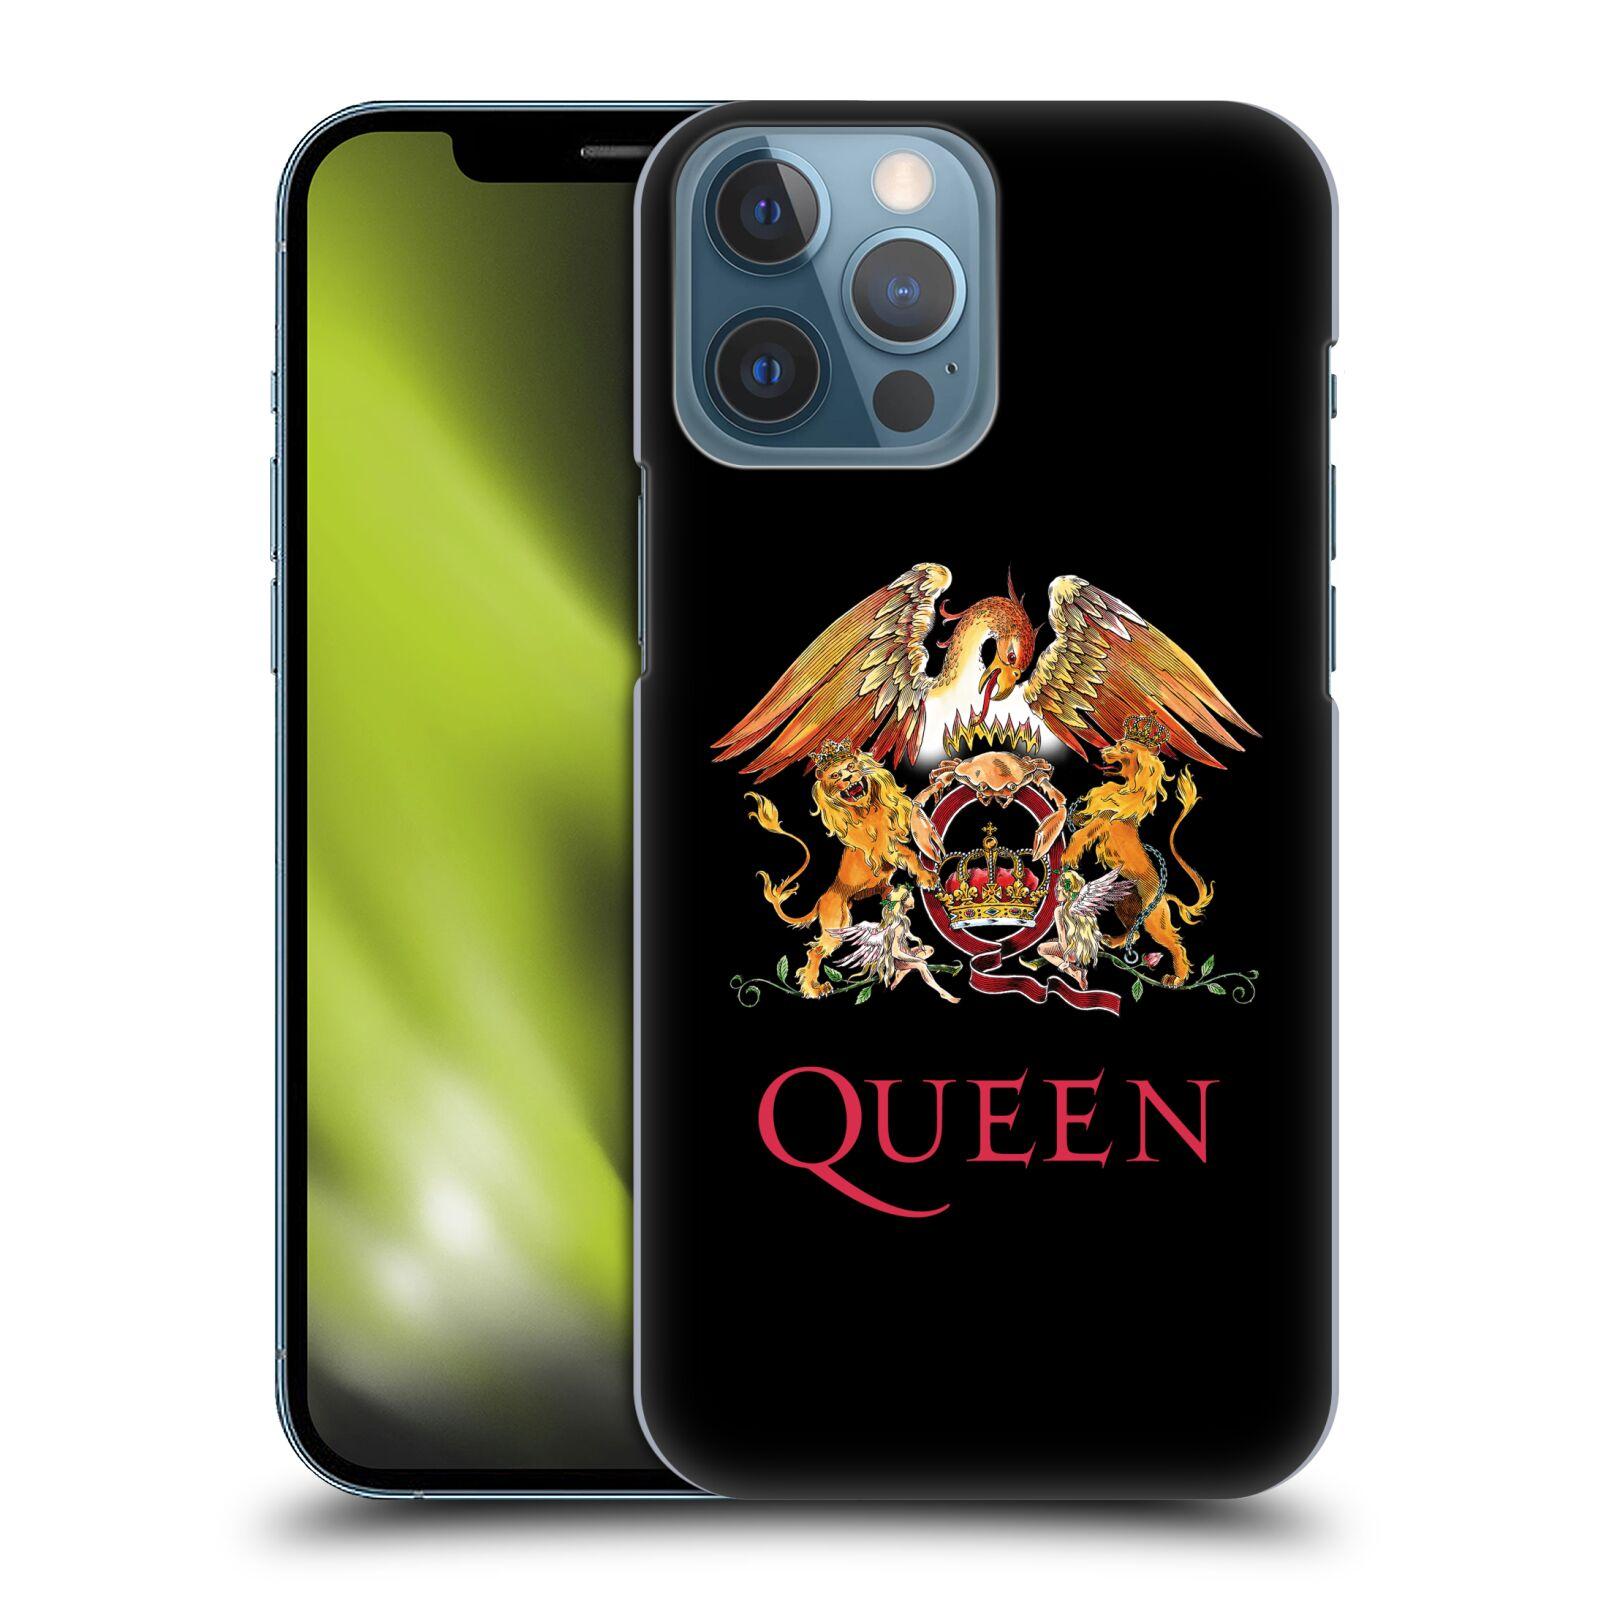 Plastové pouzdro na mobil Apple iPhone 13 Pro Max - Head Case - Queen - Logo